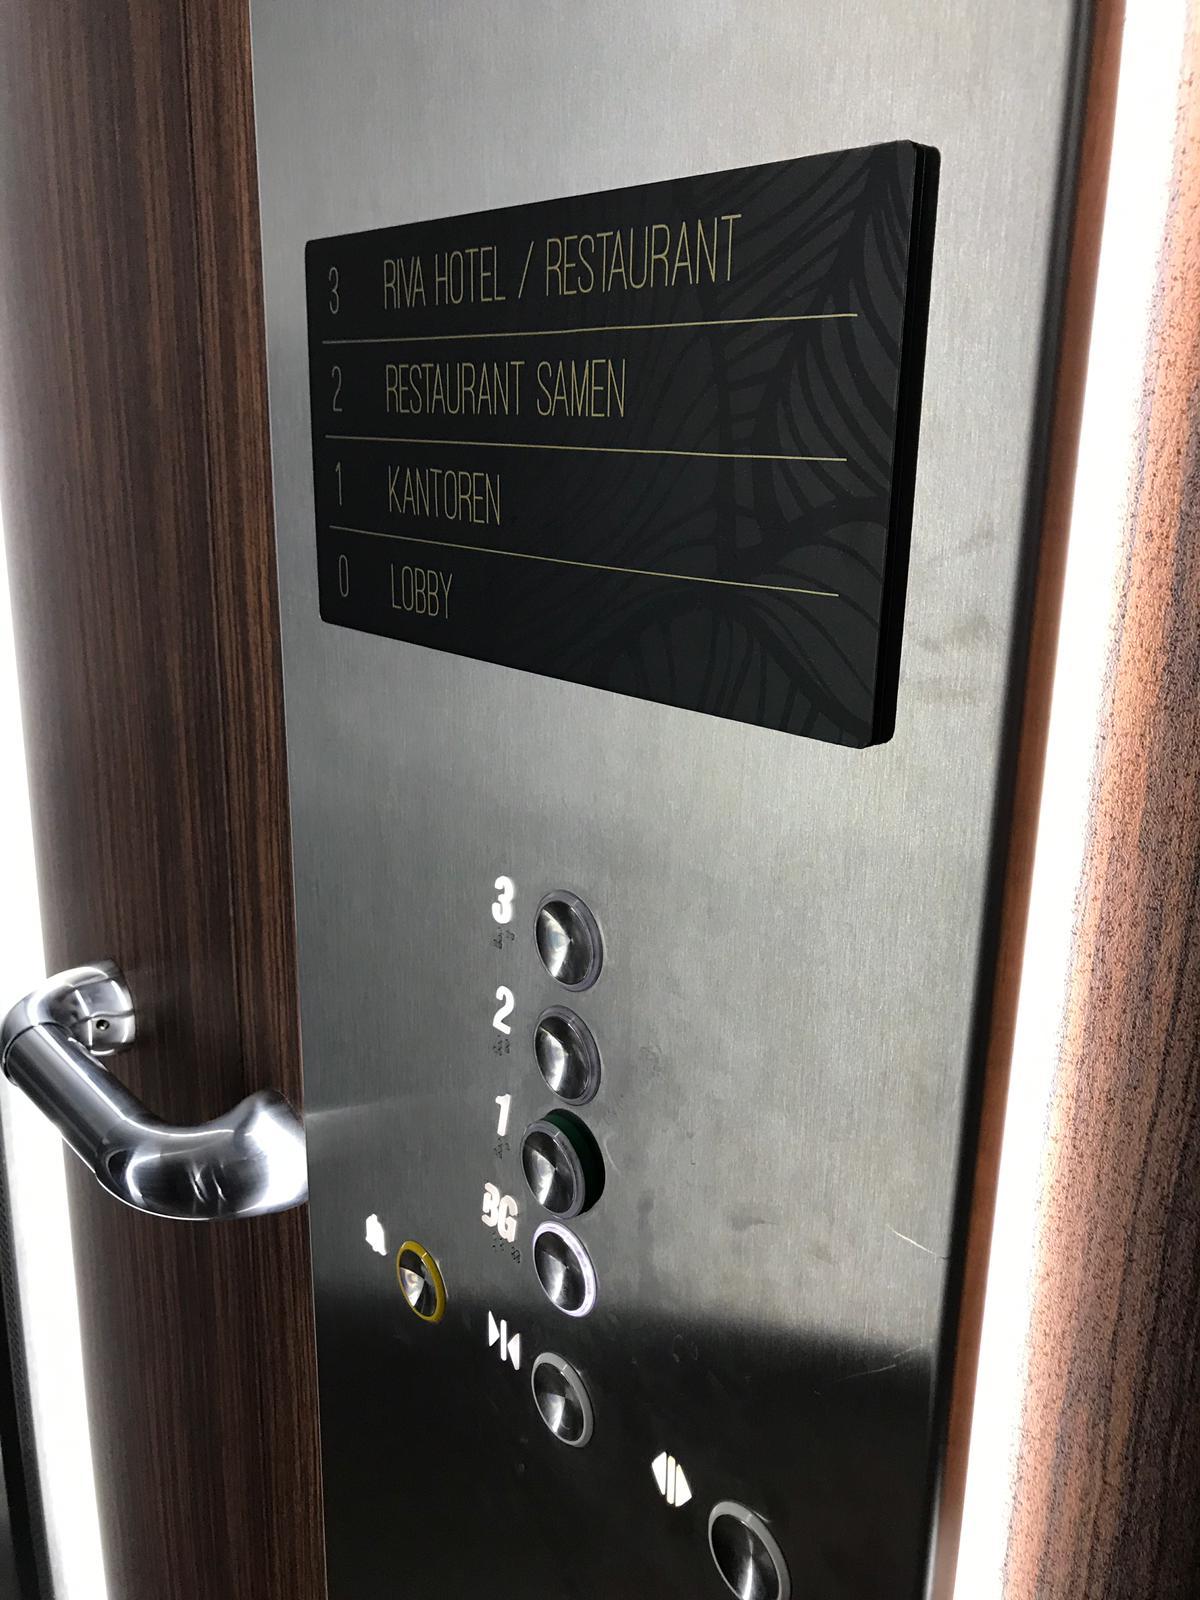 Riva hotel lift